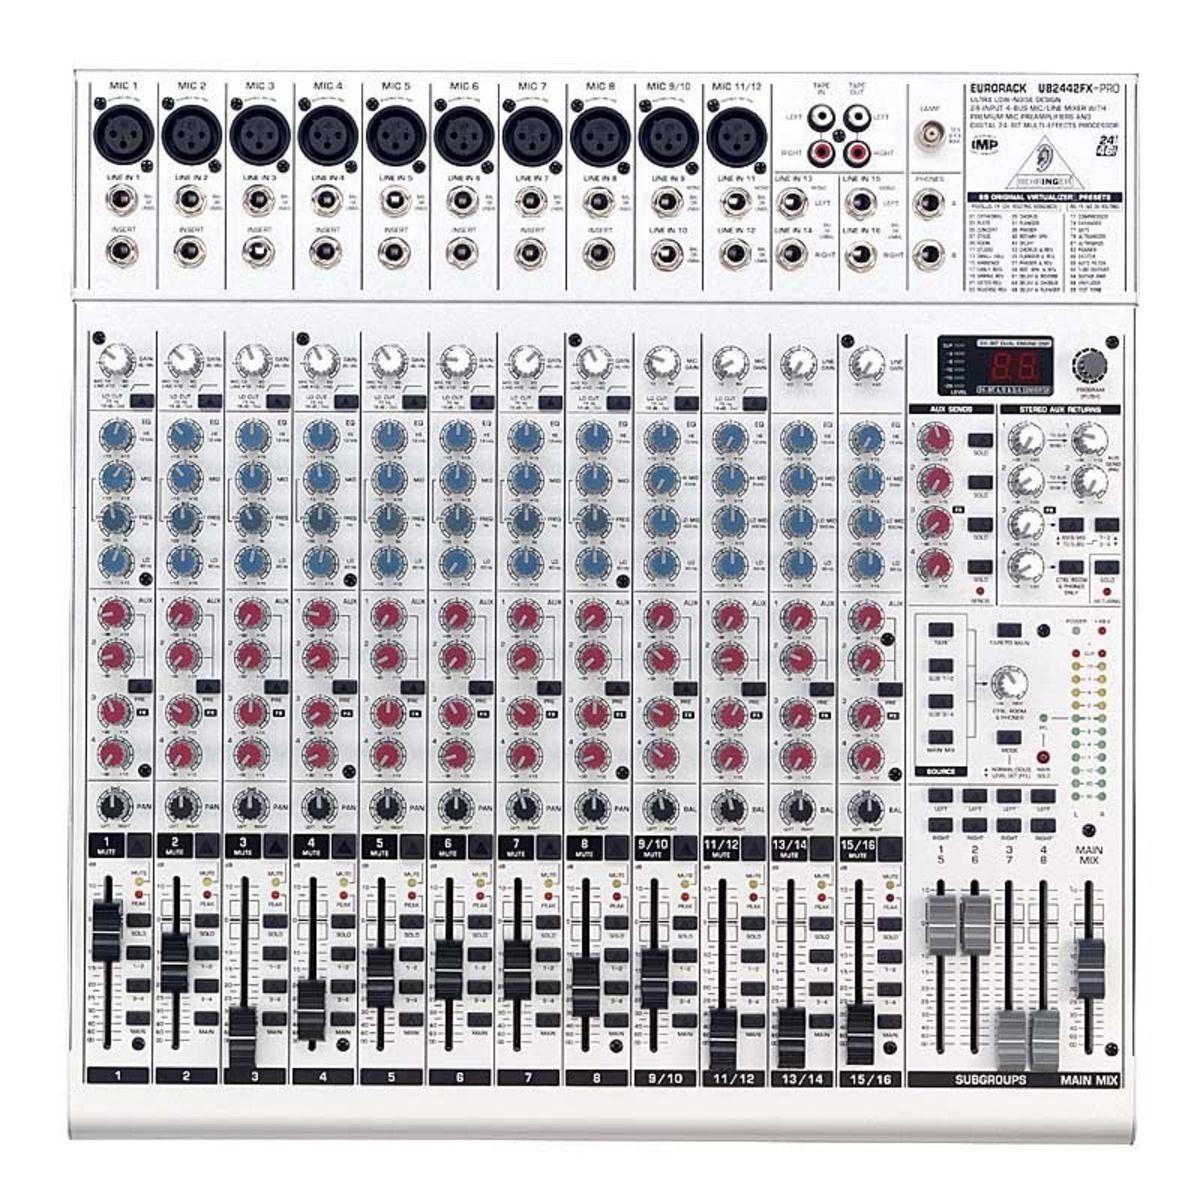 behringer eurorack ub2442fx pro image 38272 audiofanzine rh en audiofanzine com behringer eurorack ub2442fx-pro mixer review behringer eurorack ub2442fx-pro mixer review